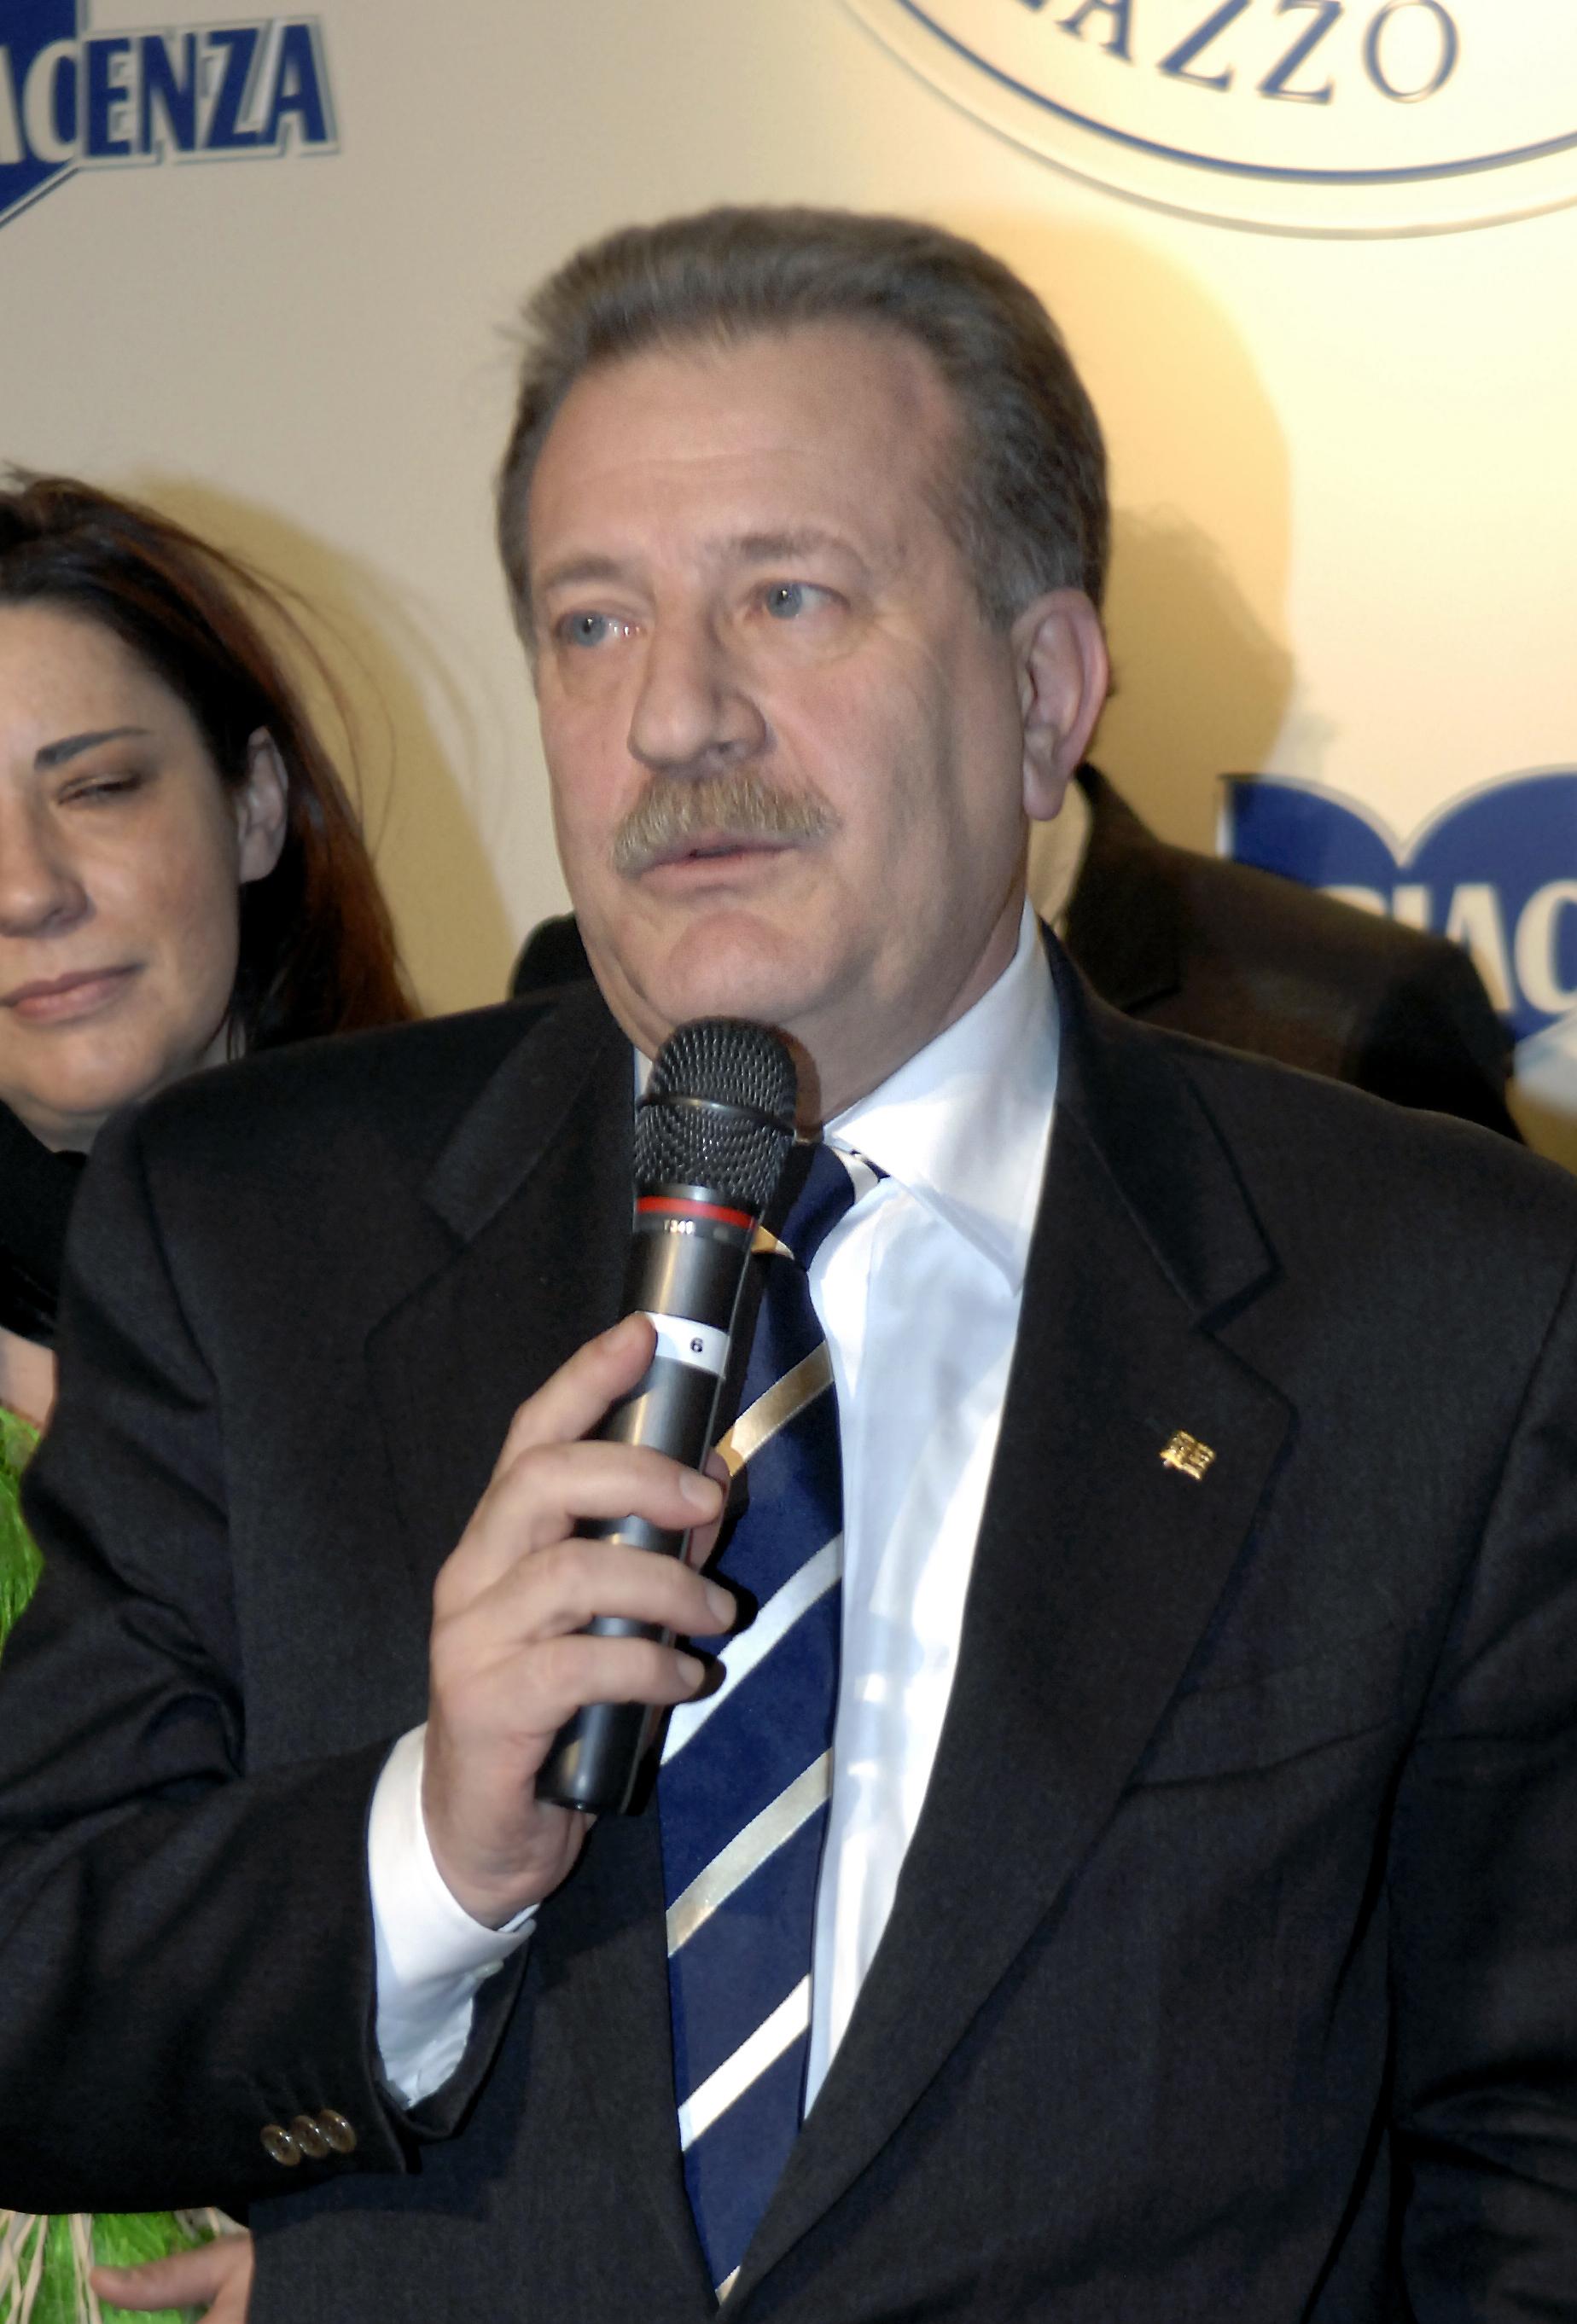 Sergio Buonocore